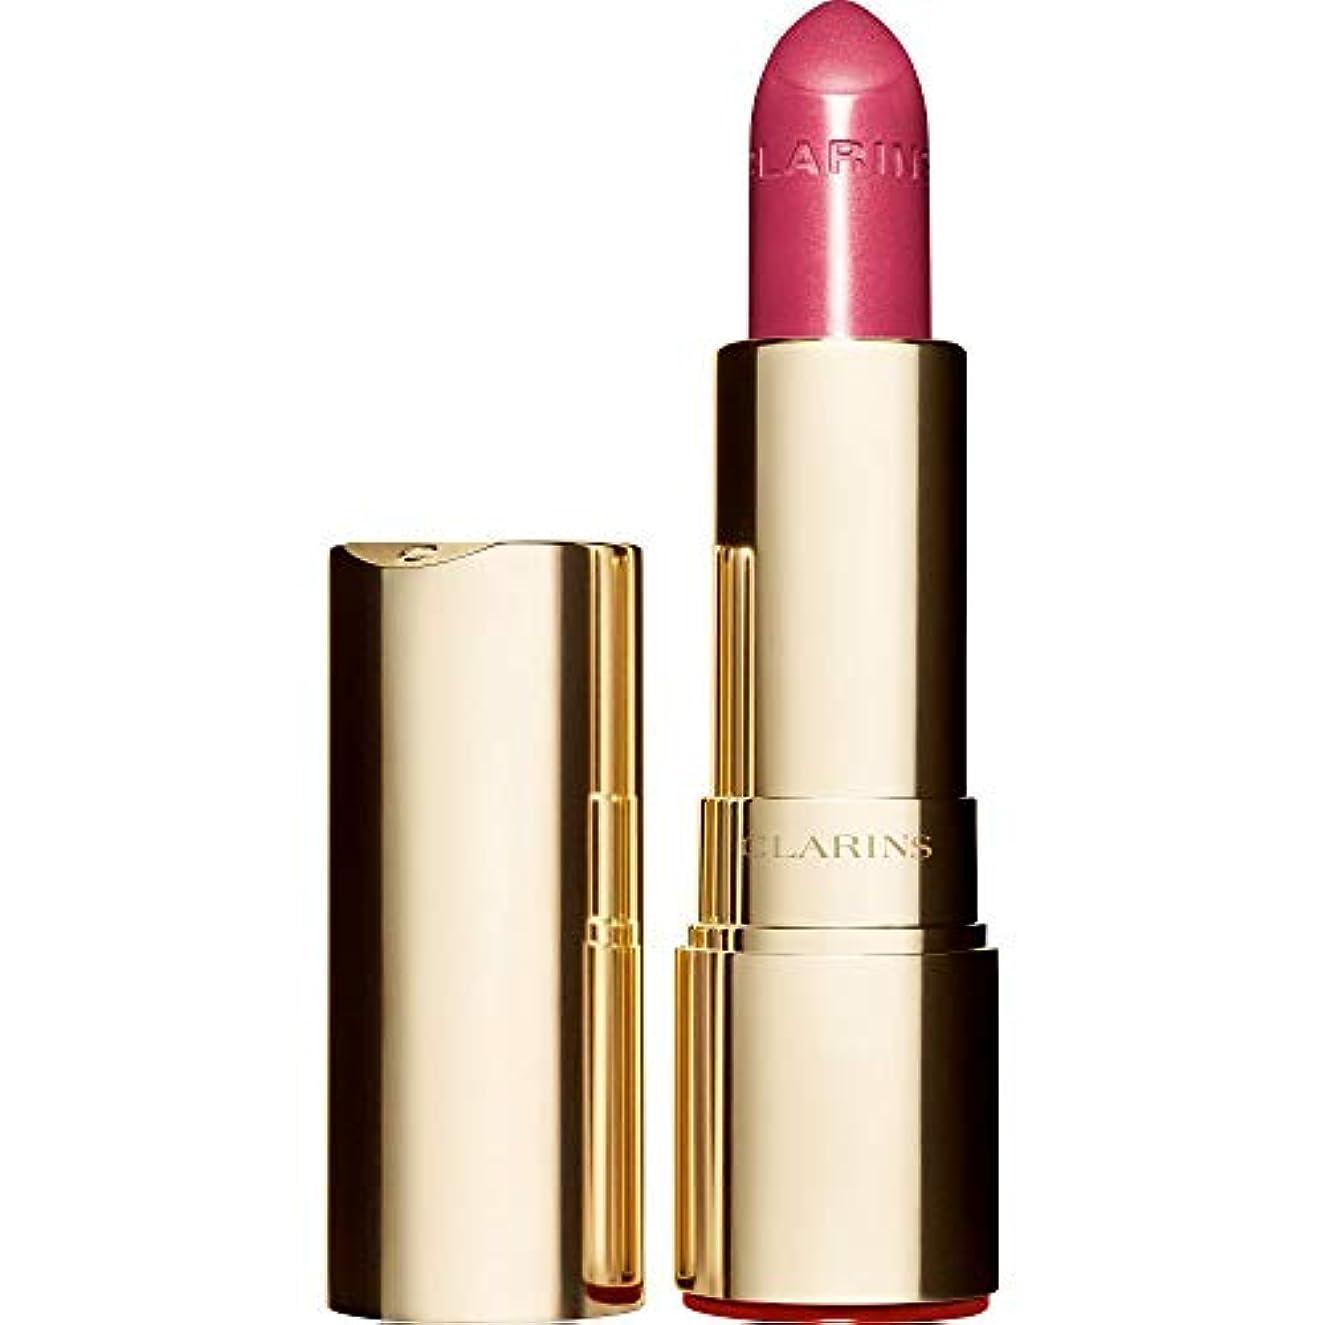 円形人物平和な[Clarins ] クラランスジョリルージュブリリアント口紅3.5グラムの723S - ラズベリー - Clarins Joli Rouge Brillant Lipstick 3.5g 723S - Raspberry...